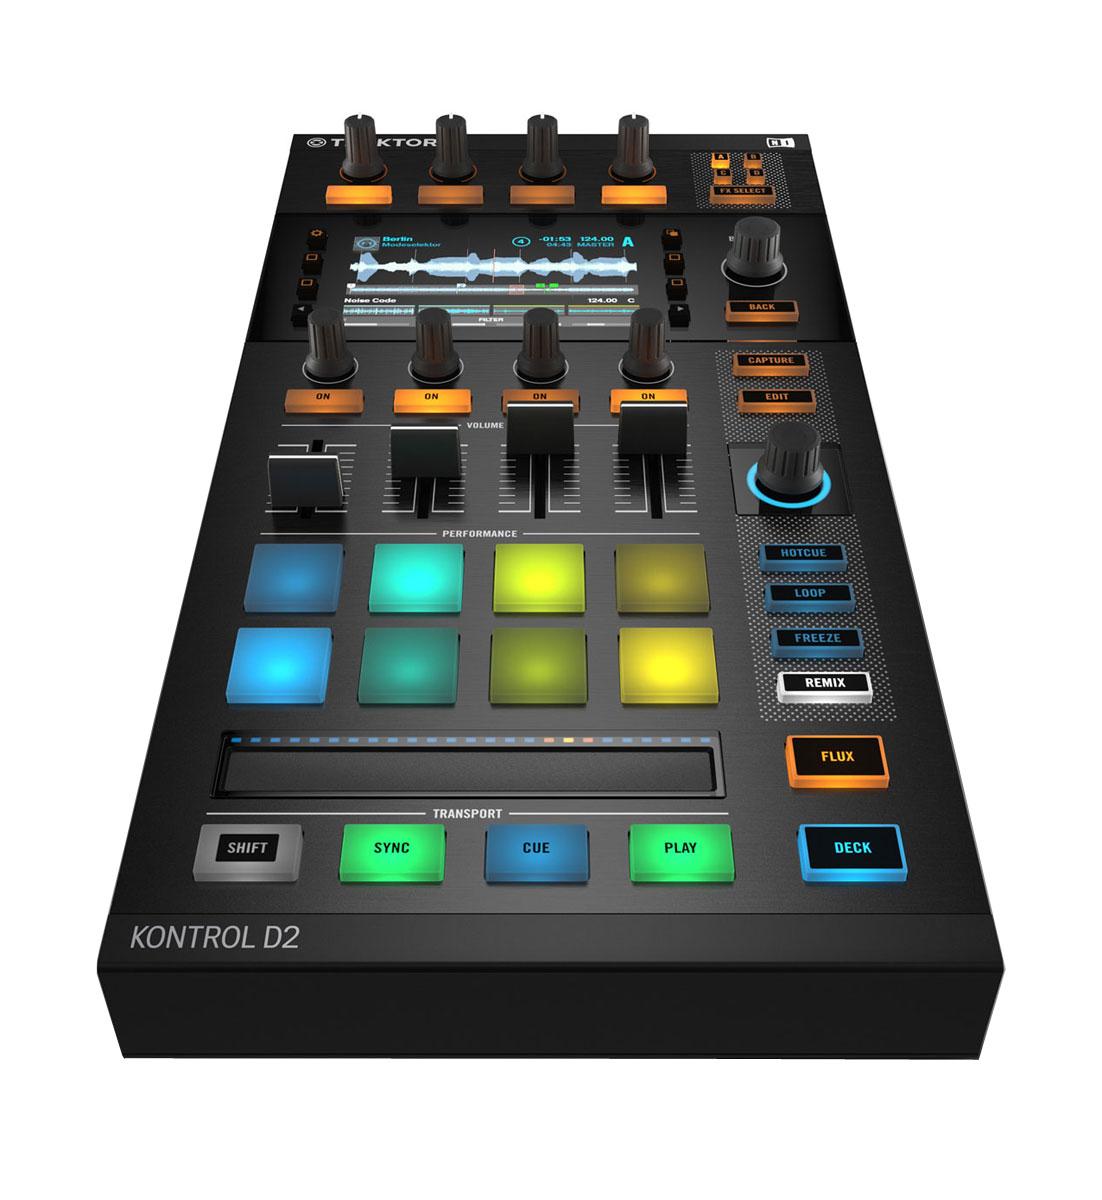 Native Instruments Traktor Kontrol D2 DJ-контроллерMCI53178Native Instruments Traktor Kontrol D2 - новейший компактный контроллер с поддержкой формата Stem, созданный специально для диджеев. Это идеальное решение для гастролирующего диджея.Полноцветный 11-сантиметровый дисплей устройства позволяет диджею полностью сосредоточиться на выступлении, а не на работе с ноутюуком. Вы можете просматривать треки, эффекты, форму волны и настройки фильтров непосредственно на контроллере.Native Instruments Traktor Kontrol D2 предоставляет полный контроль над Remix-деками, позволяет создавать ремиксы на лету, а также в режиме реального времени использовать семплы, лупы и cue-точки при помощи восьми пэдов с подсветкой. Сенсорная полоса Touch Strip, расположенная под пэдами, выполняет несколько функций, в том числе скретчинг. Также стоит отметить новые режимы работы Freeze и Flux.Контроллер оснащён 4-мя складными ножками с резиновыми подкладками, за счёт чего устройство можно расположить под углом или вровень с микшером. На задней стенке D2 имеется USB-хаб на два порта, что позволит вам легко подключить 2 девайса в цепь быстро и легко.Системные требования: Процессор: Intel Core i5 или AMD ОЗУ: 4 ГБМесто на жестком диске: 1,5 ГБМонитор с разрешением 1024 x 768OpenGL 2.1 или вышеИнтерфейс USB 2.0